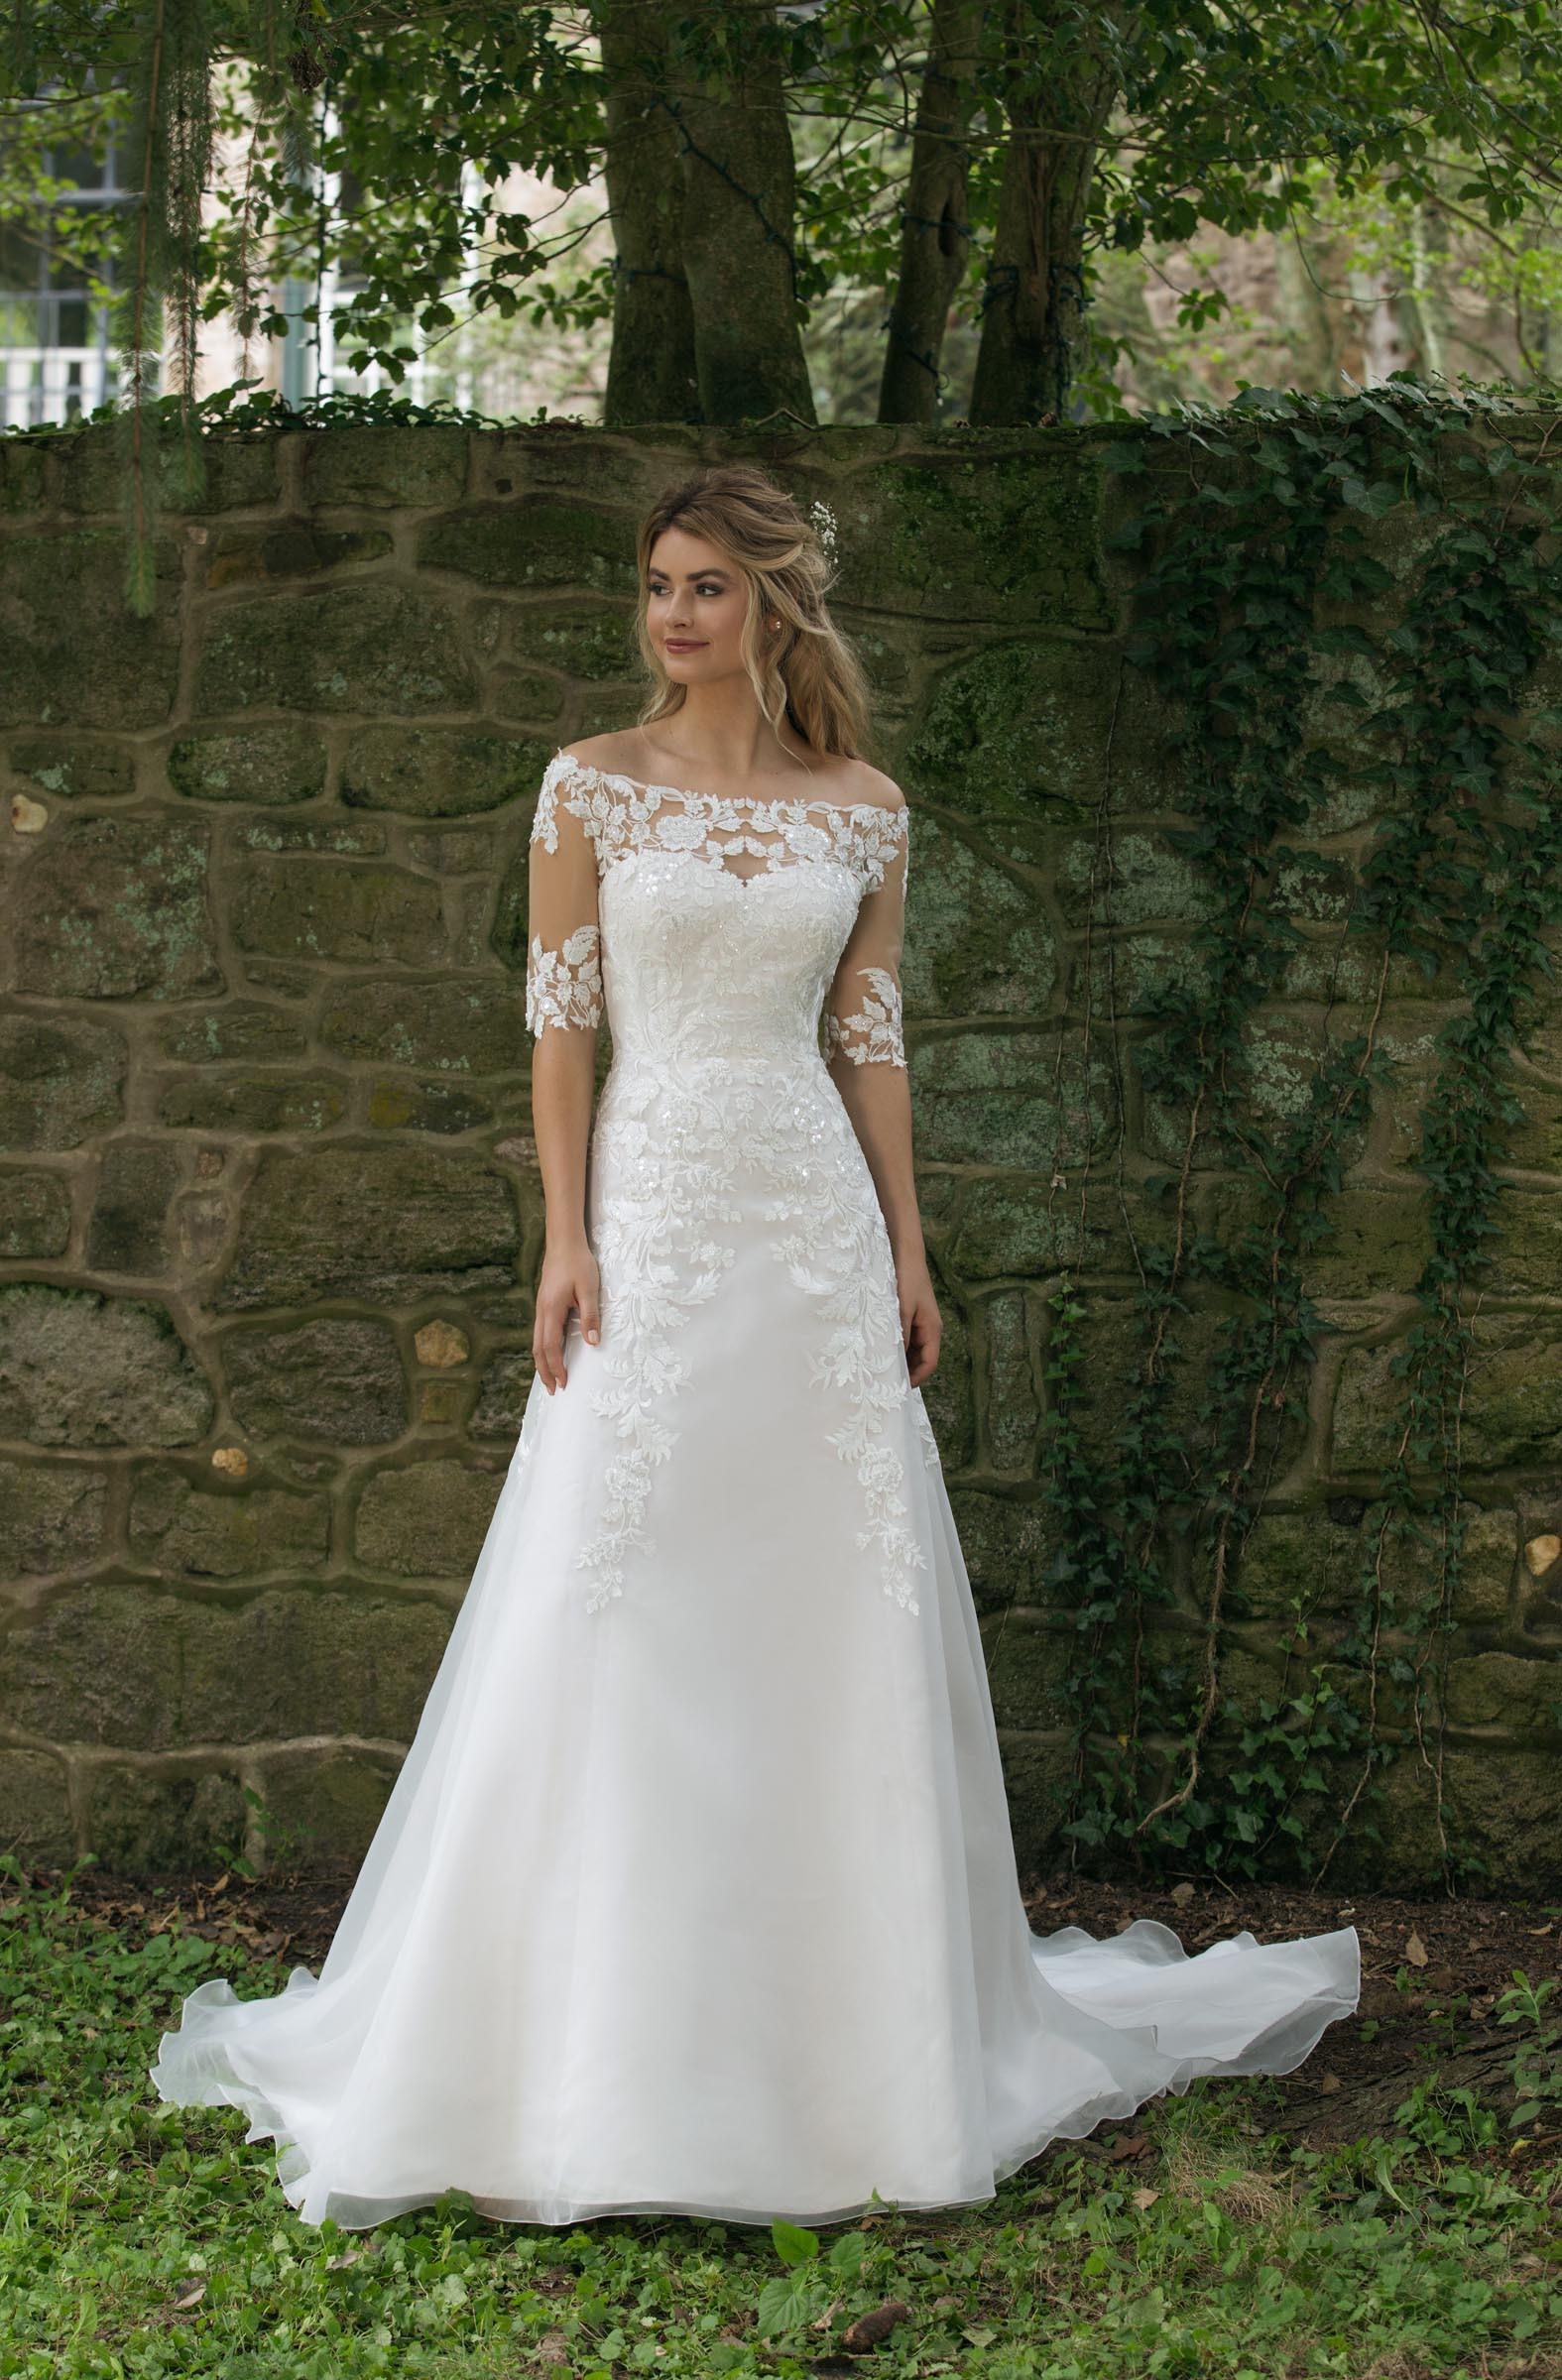 Brautkleider  Die schönsten Kleider & Trends 15 entdecken ❤